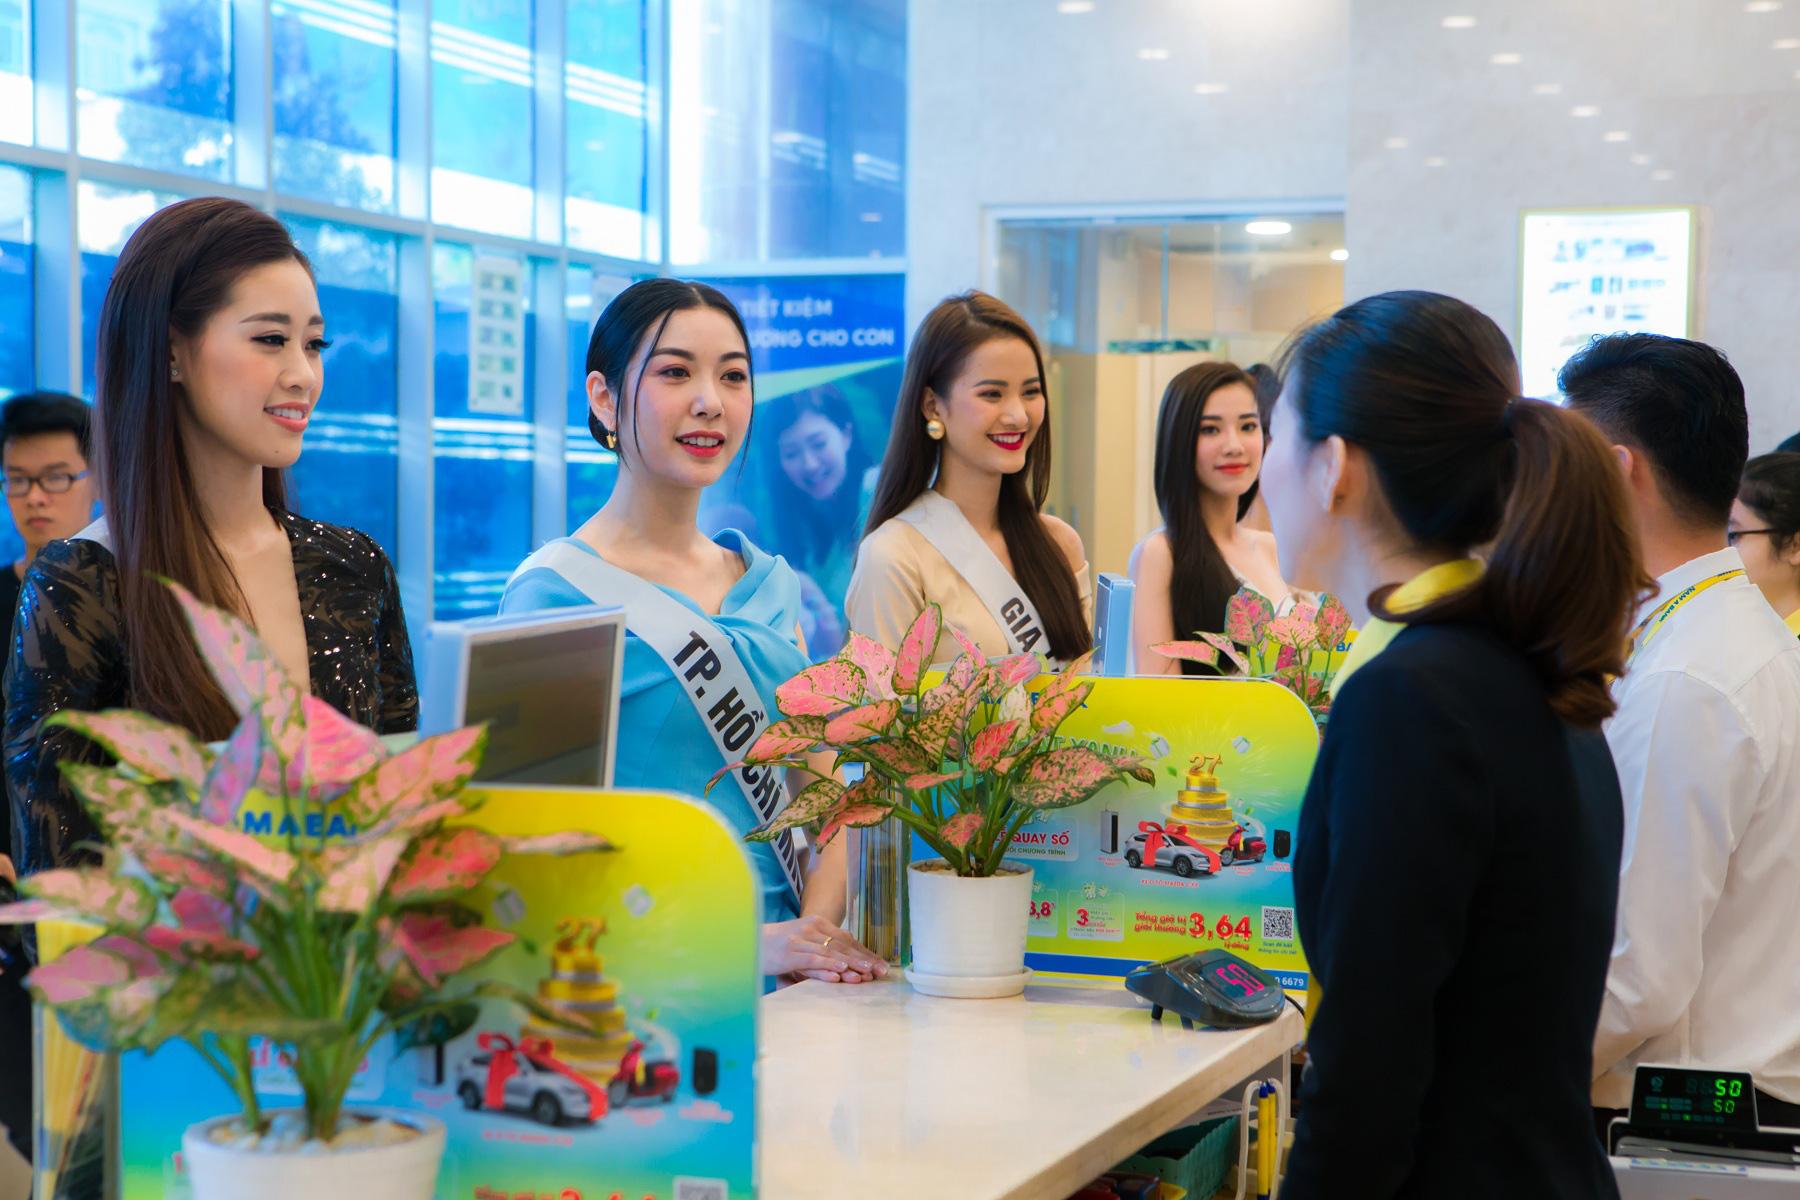 Nam Á Bank tư vấn kỹ năng xây dựng doanh nghiệp xã hội cho top 60 Hoa hậu Hoàn vũ Việt Nam 2019 - Ảnh 5.